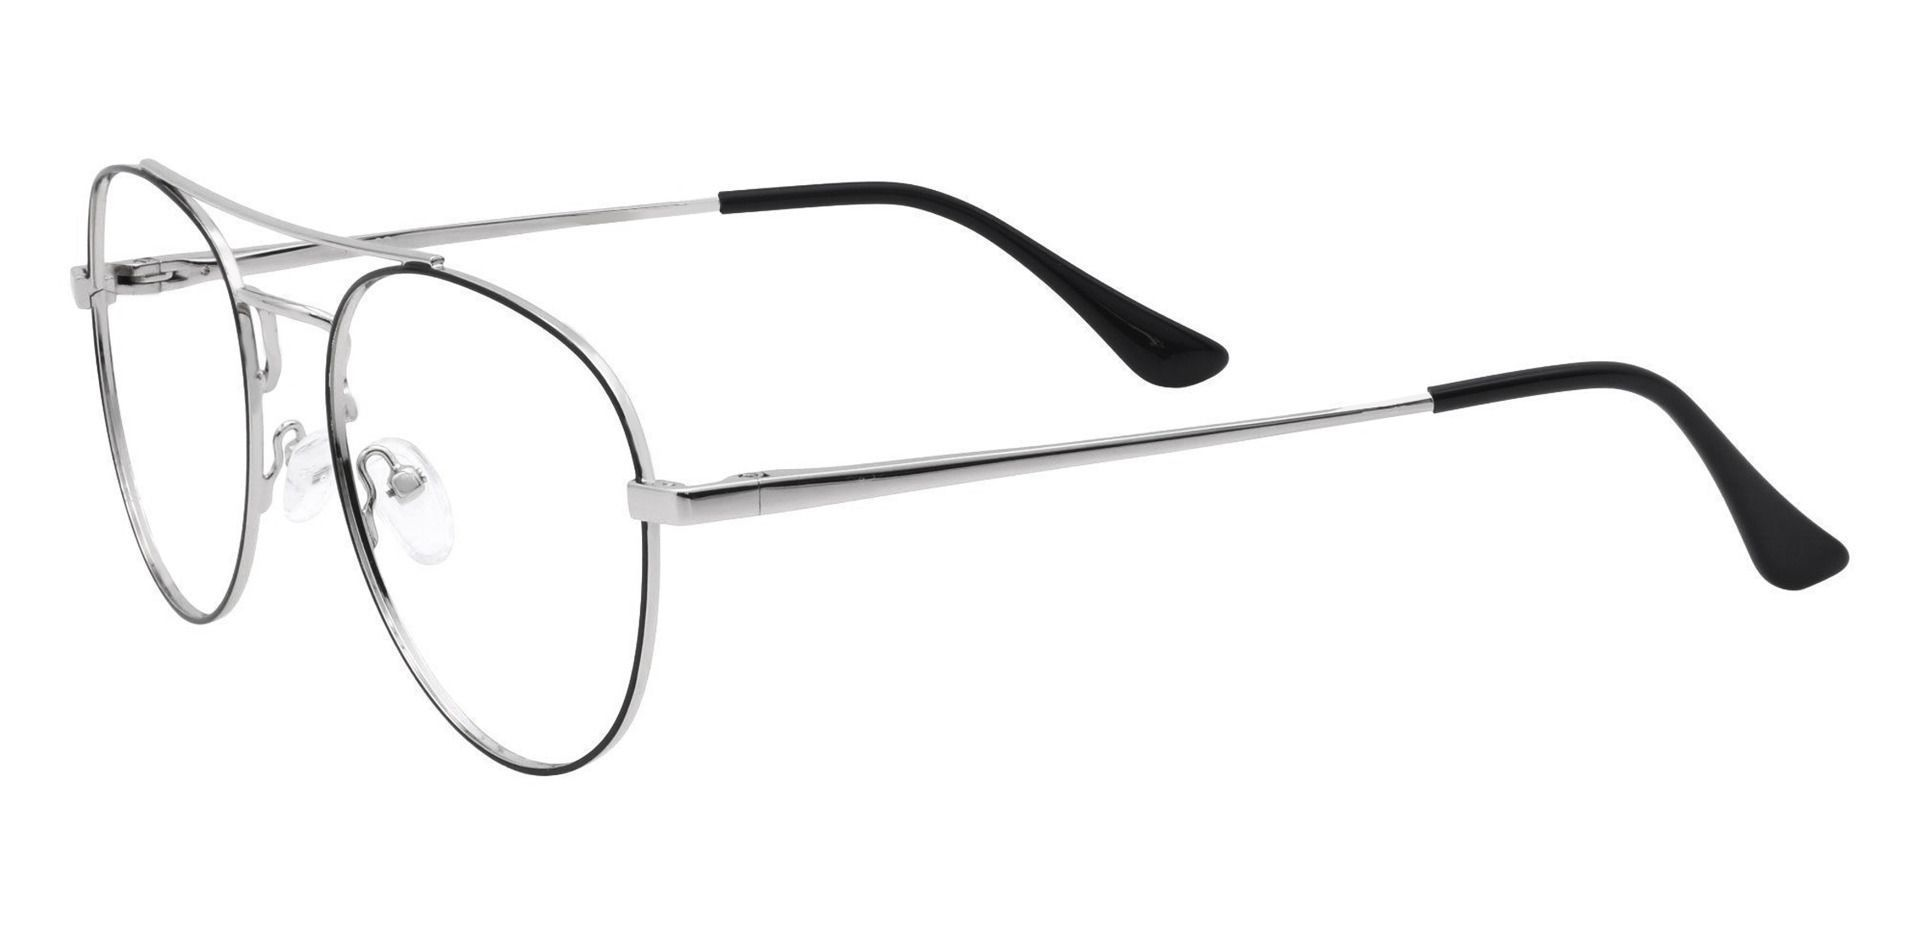 Trapp Aviator Prescription Glasses - Gray